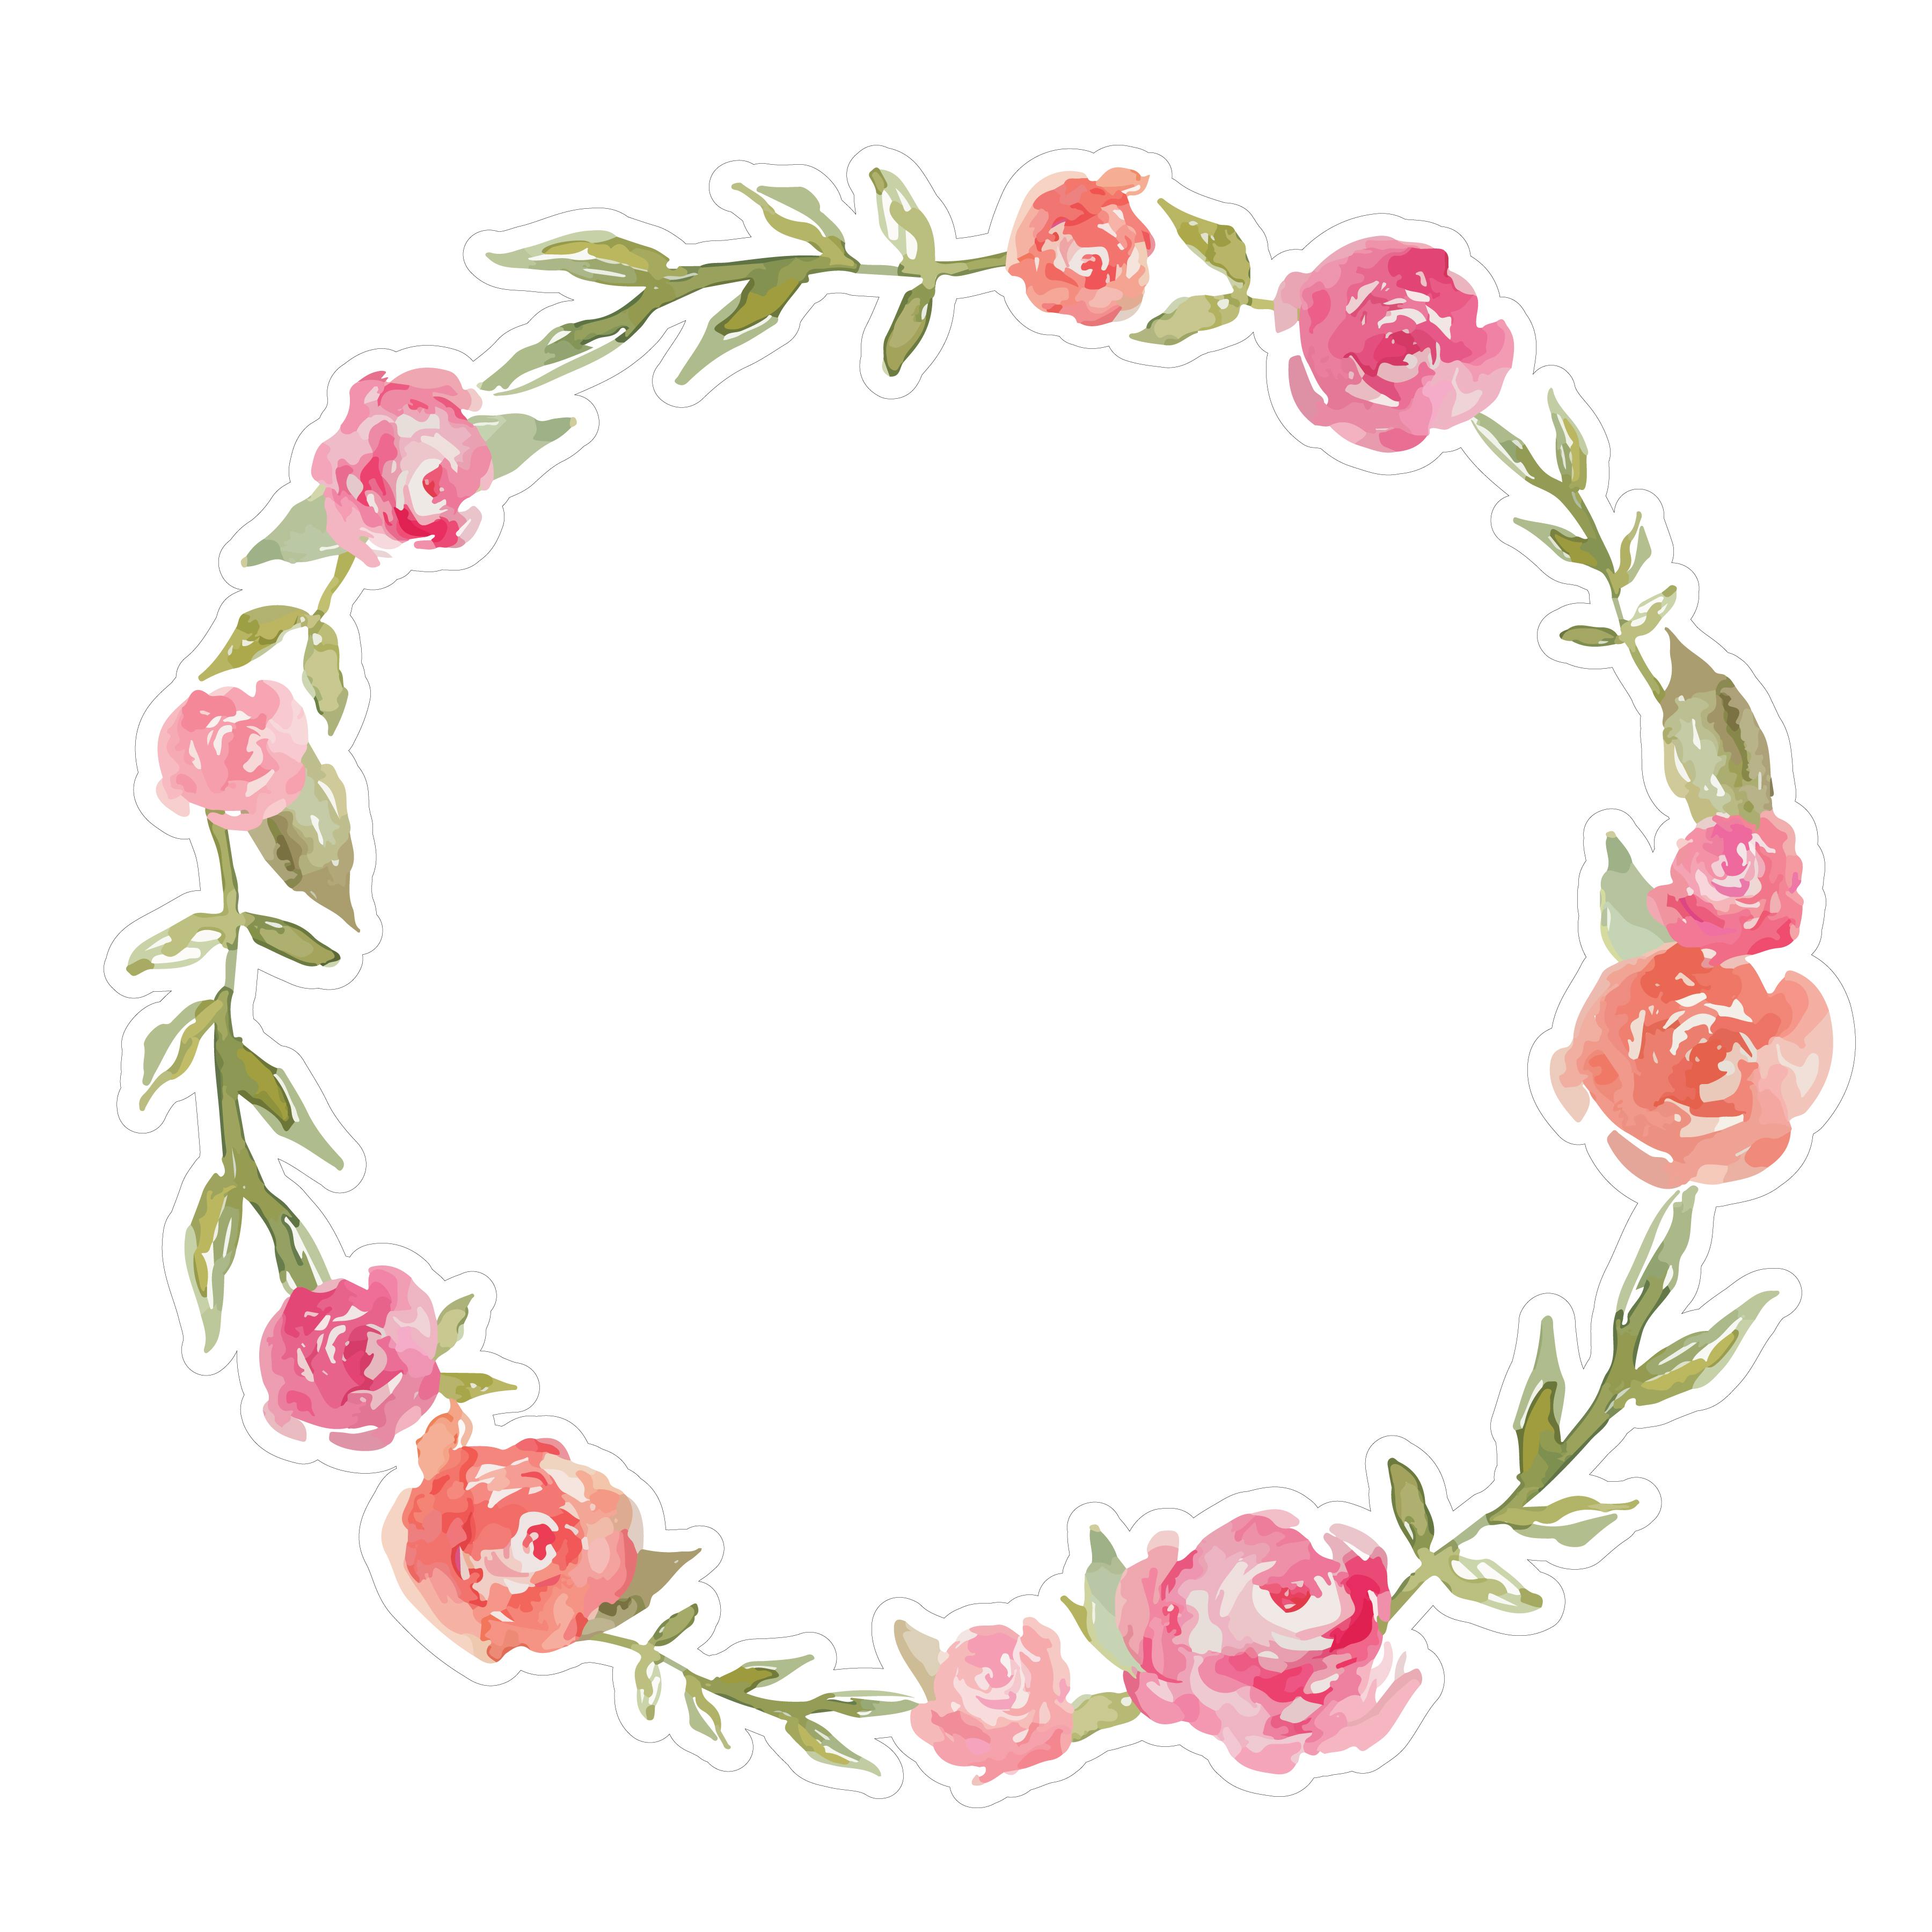 Watercolor Rose Wreath SVG File Cute Watercolor Rose Wreath 3600x3600